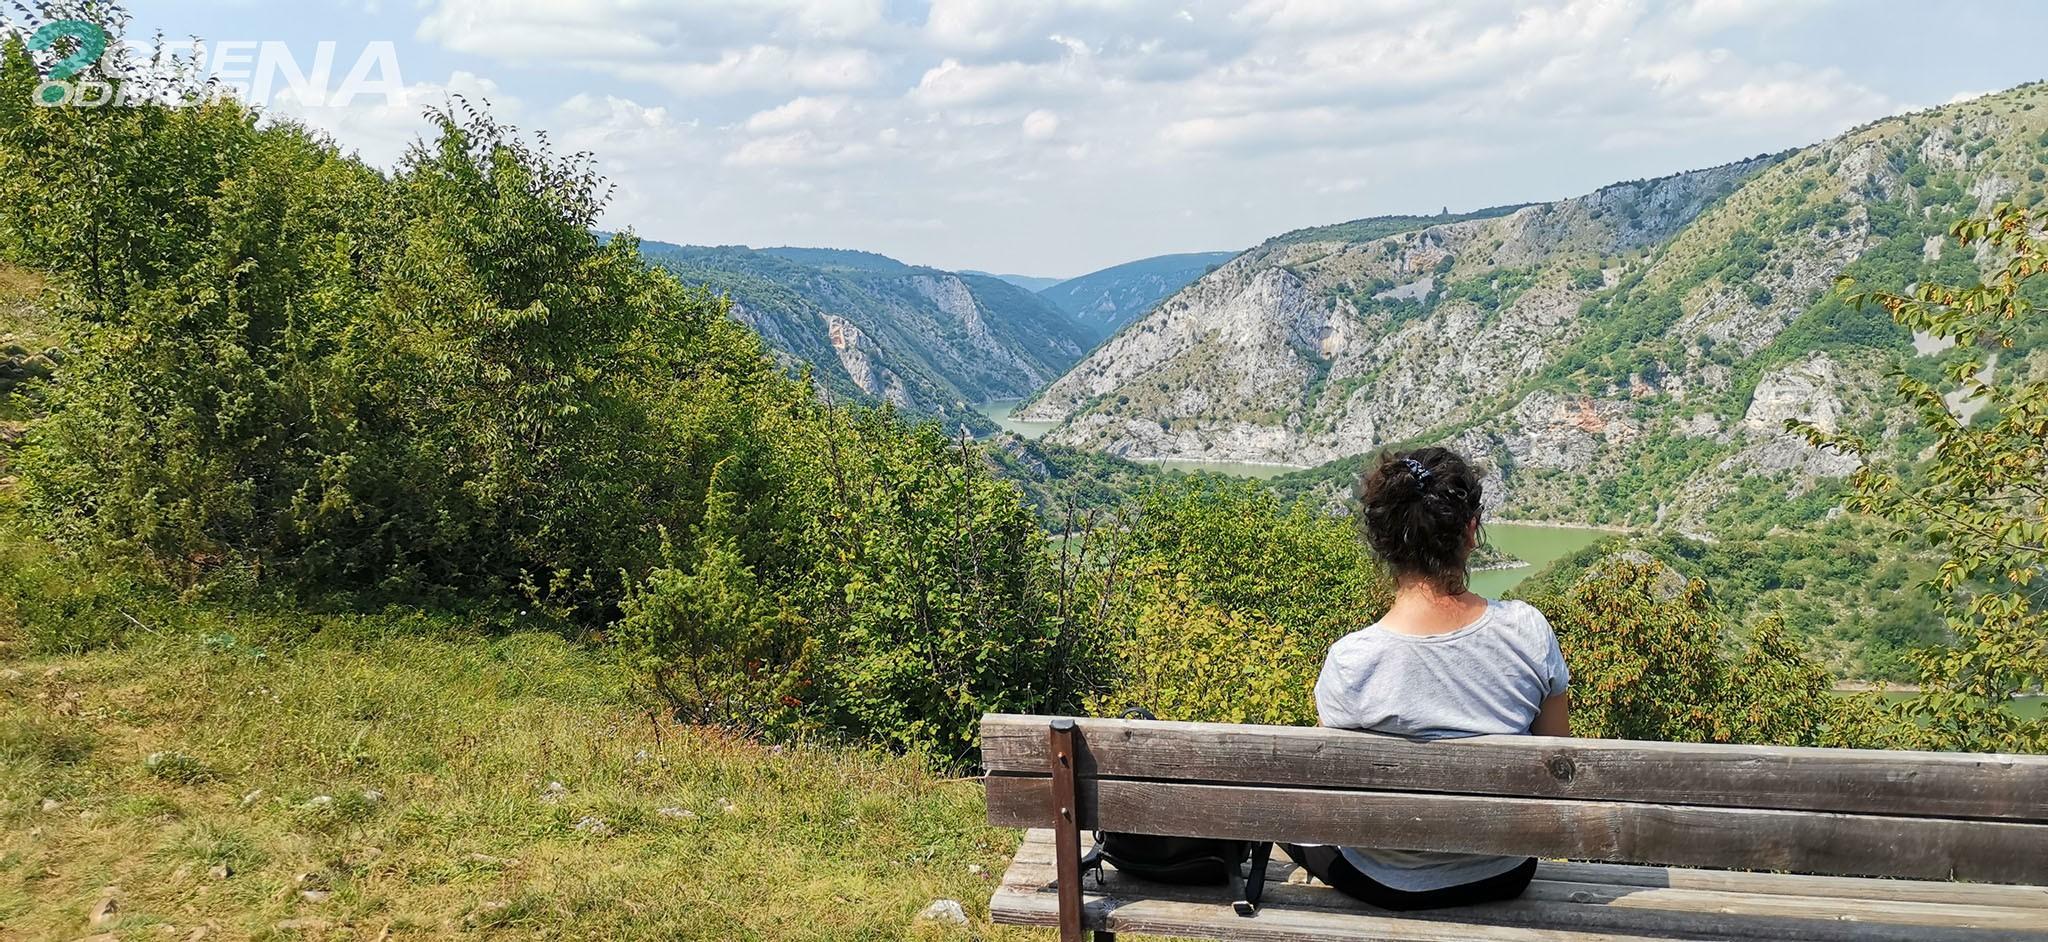 Kanjon Uvac 2020